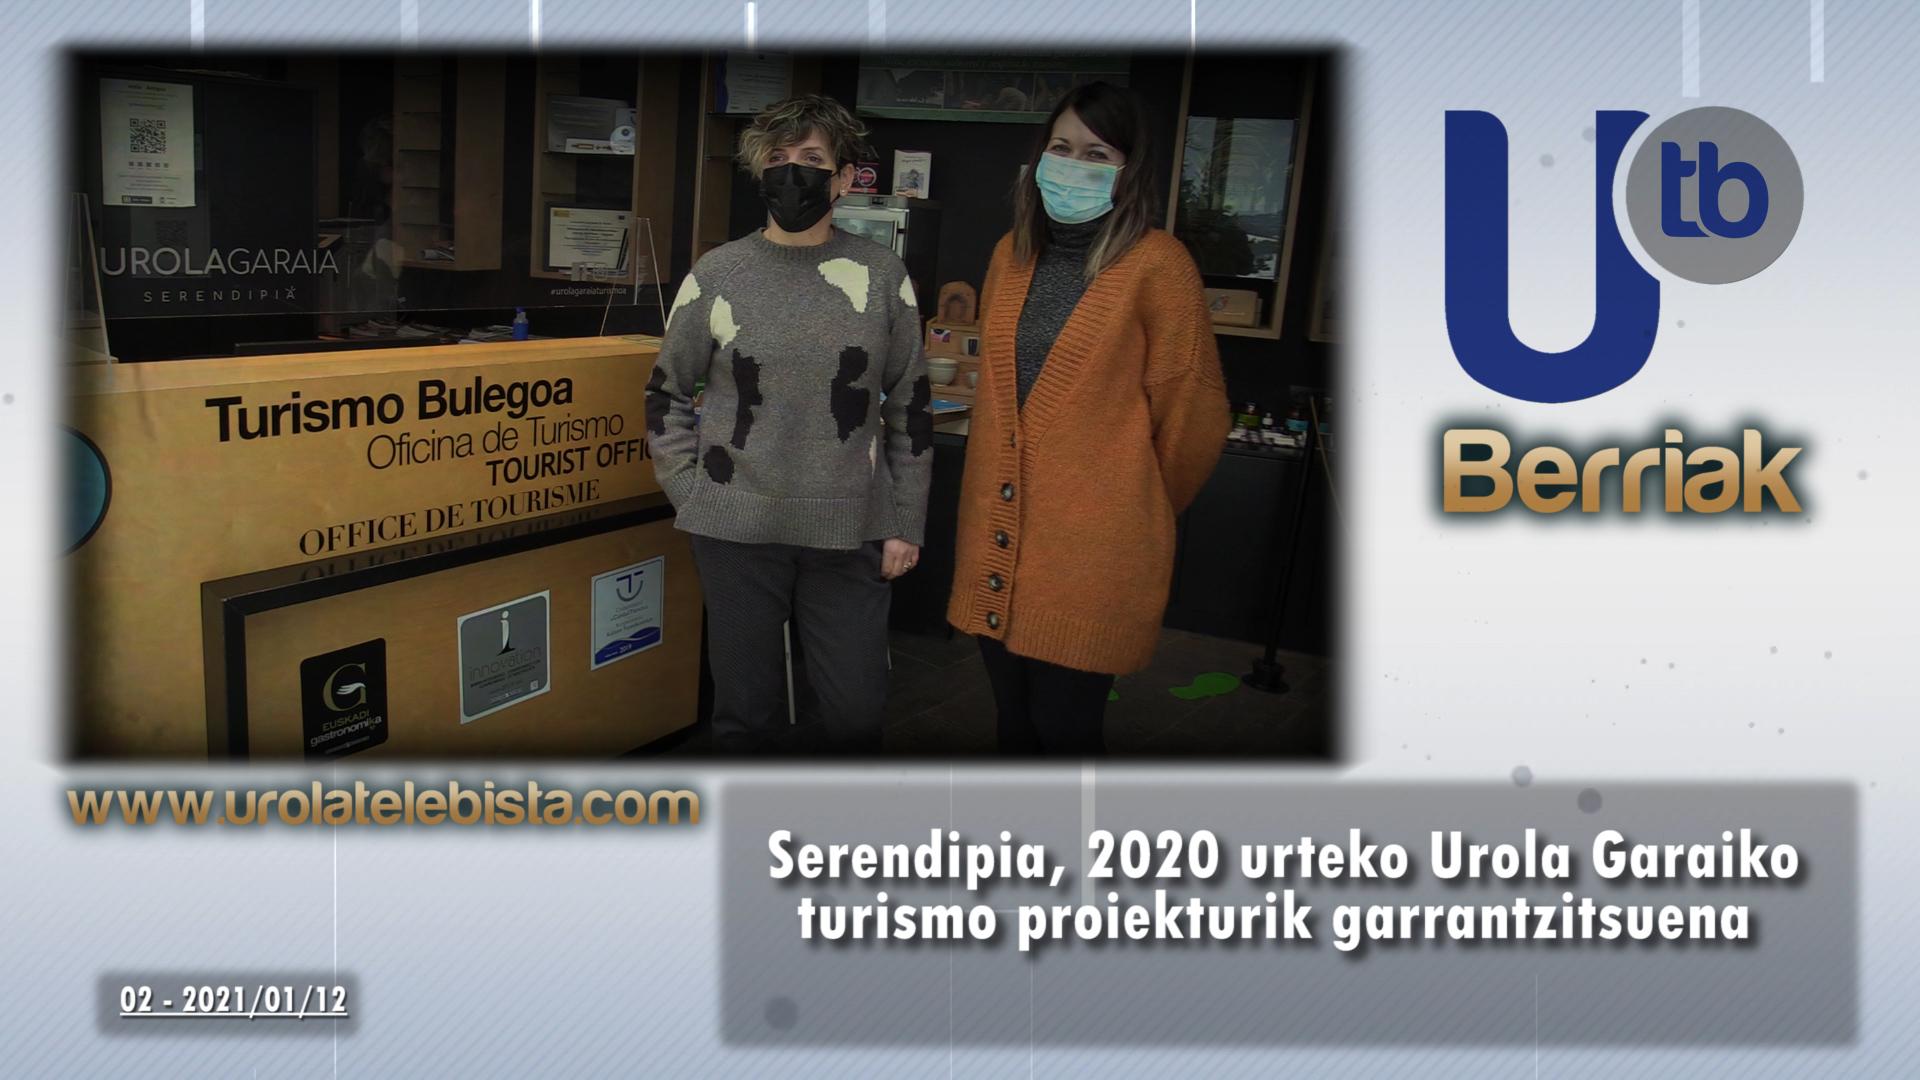 Serendipia, 2020 urteko Urola Garaiko turismo proiekturik garrantzitsuena / Serendipia, el proyecto de Turismo de Urola Garaia más importante de 2020